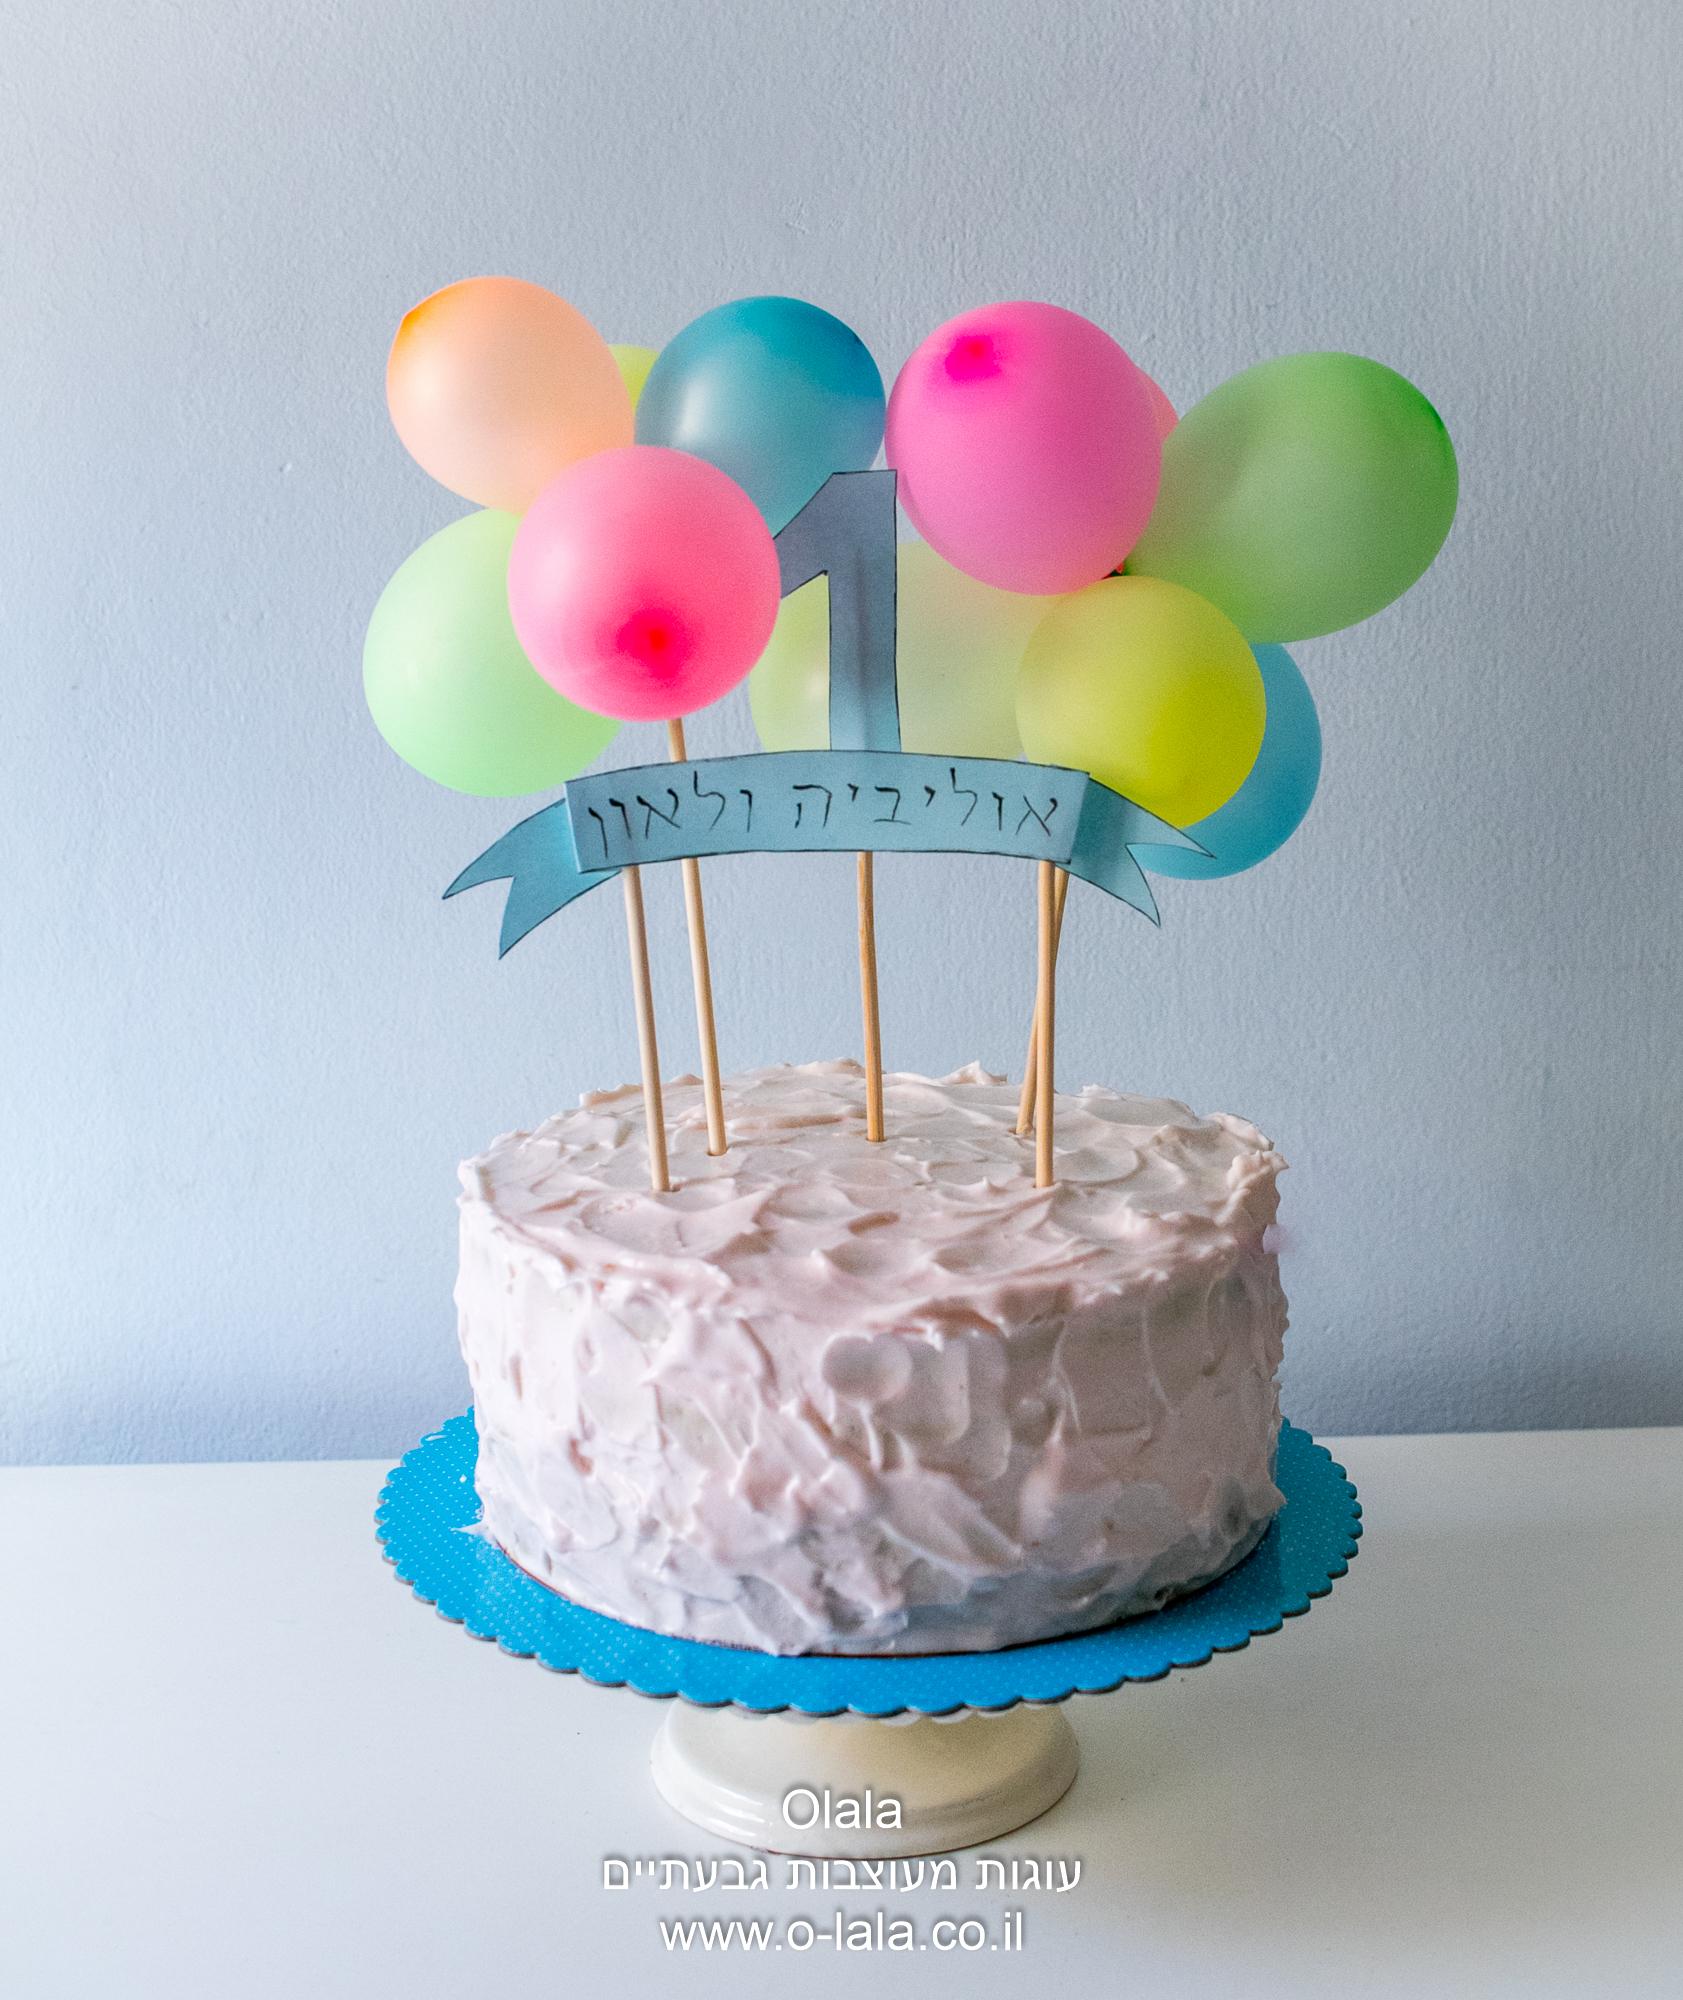 עוגה עם בלונים